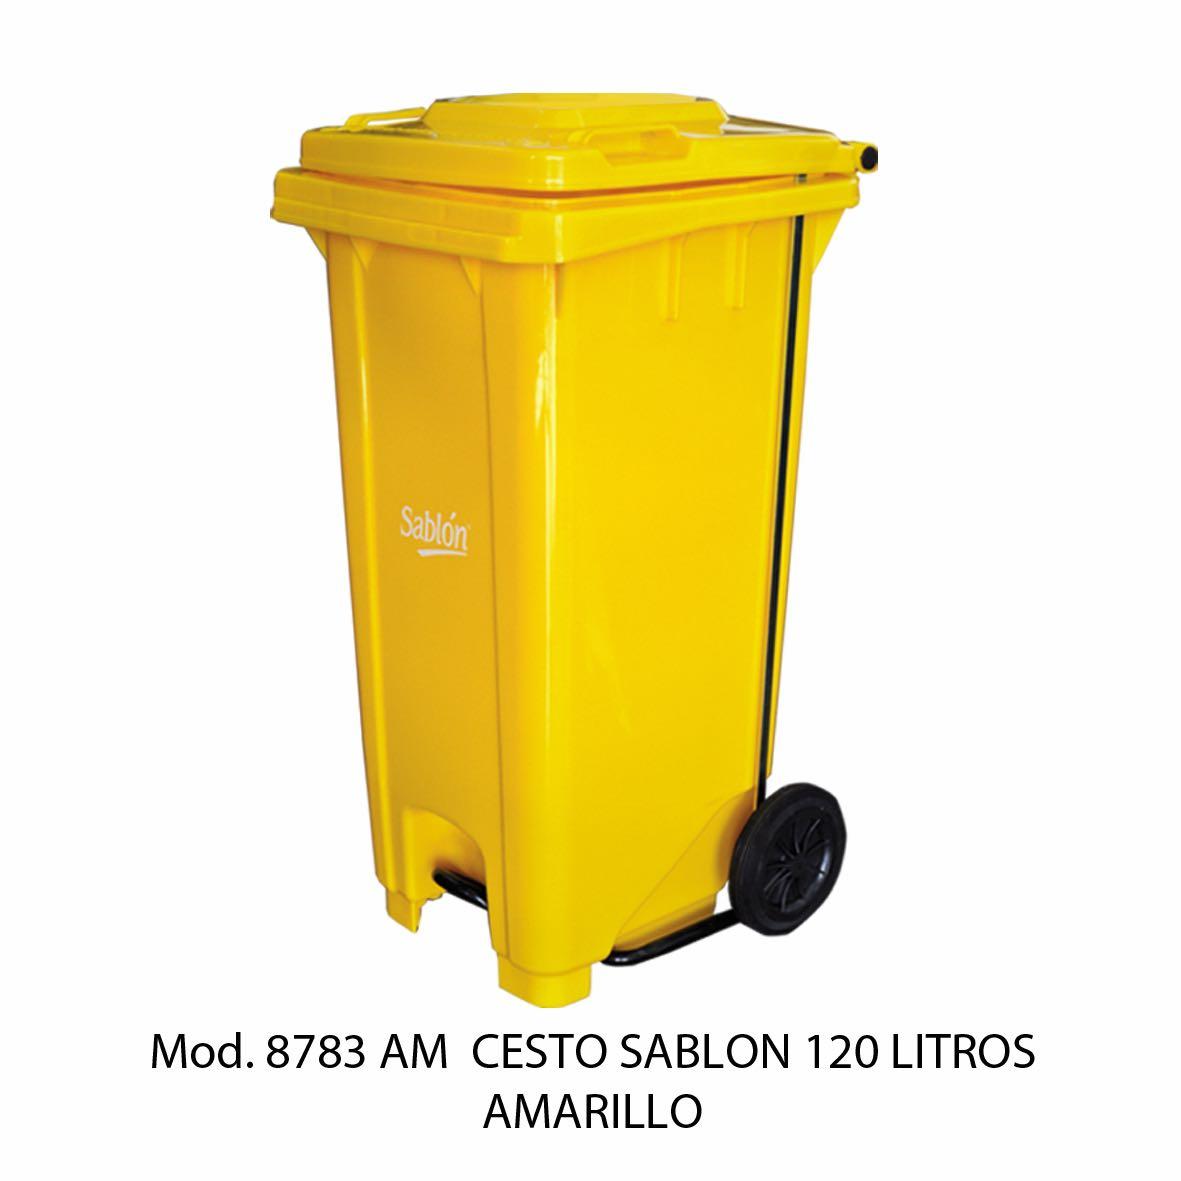 Contenedor para basura de 120 litros cuerpo amarillo y tapa amarillo - Modelo 8783 AM - Sablón